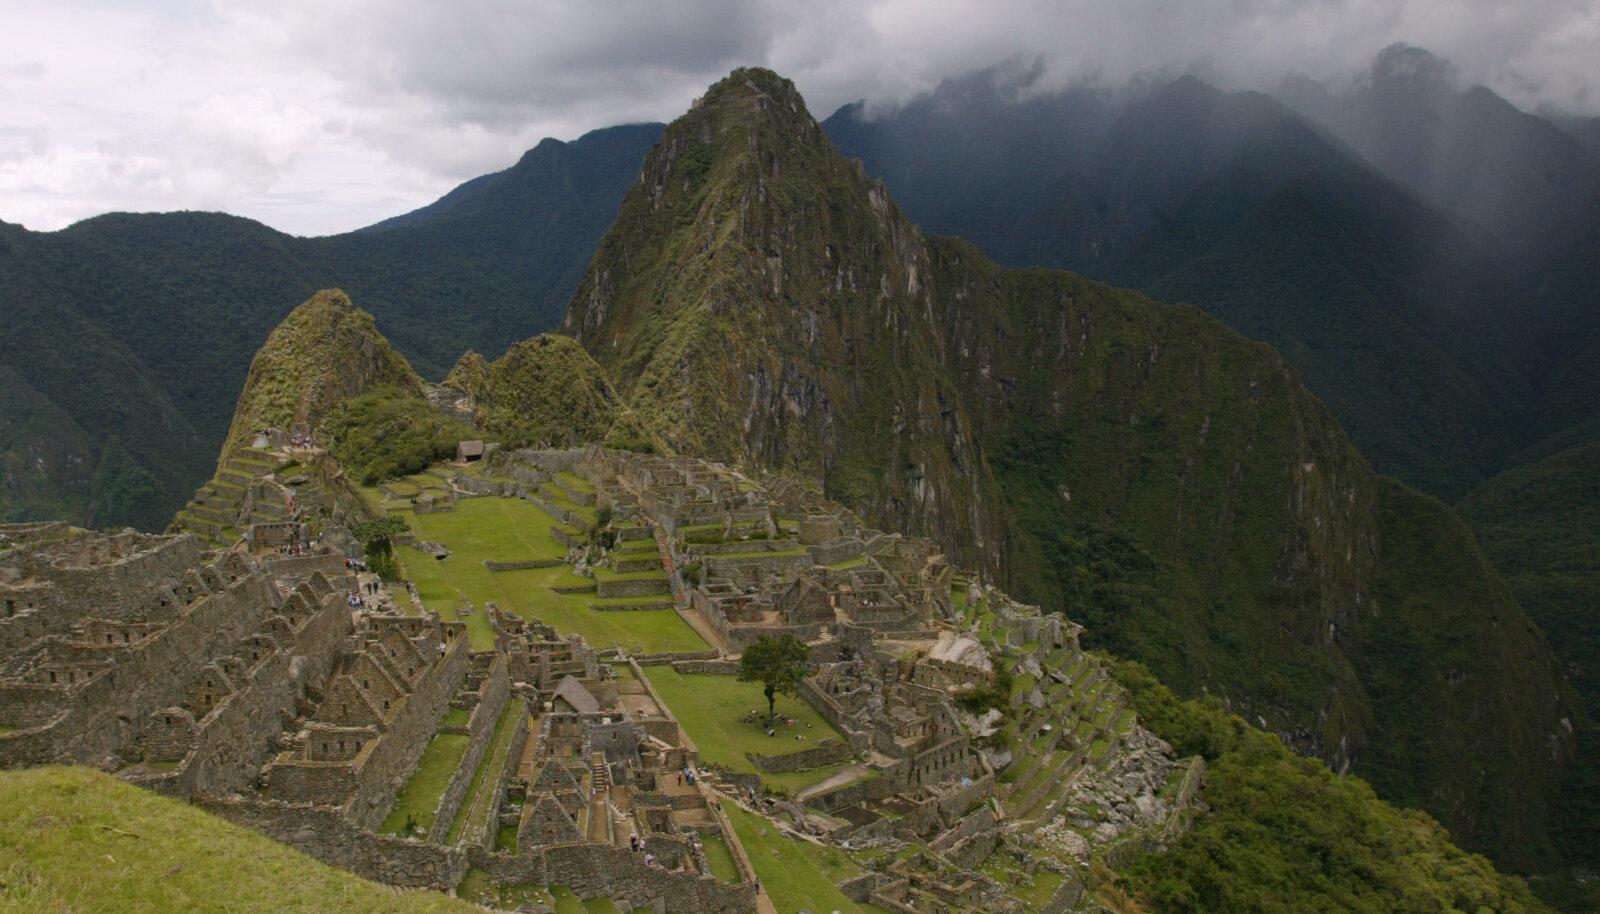 Inkade kultuuri tuntuim mälestis, Andides asuv Machu Picchu.